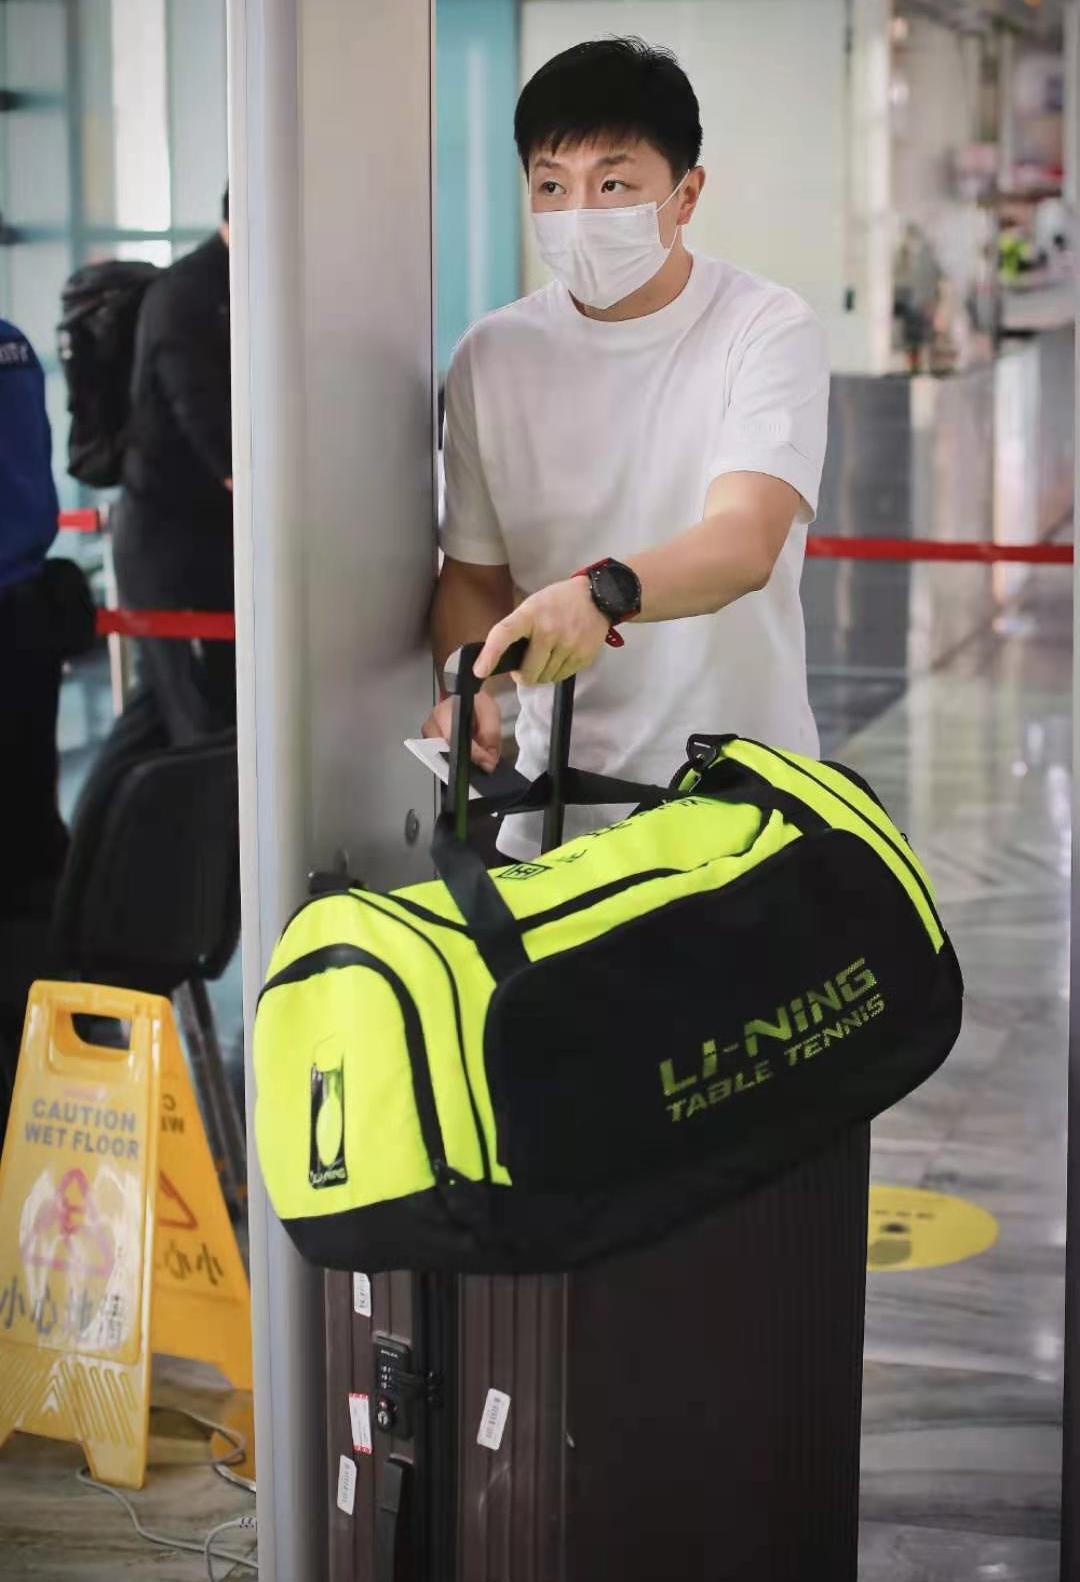 马龙身穿短袖现身机场,似翩翩公子气质突出,躲球迷的样子像小偷